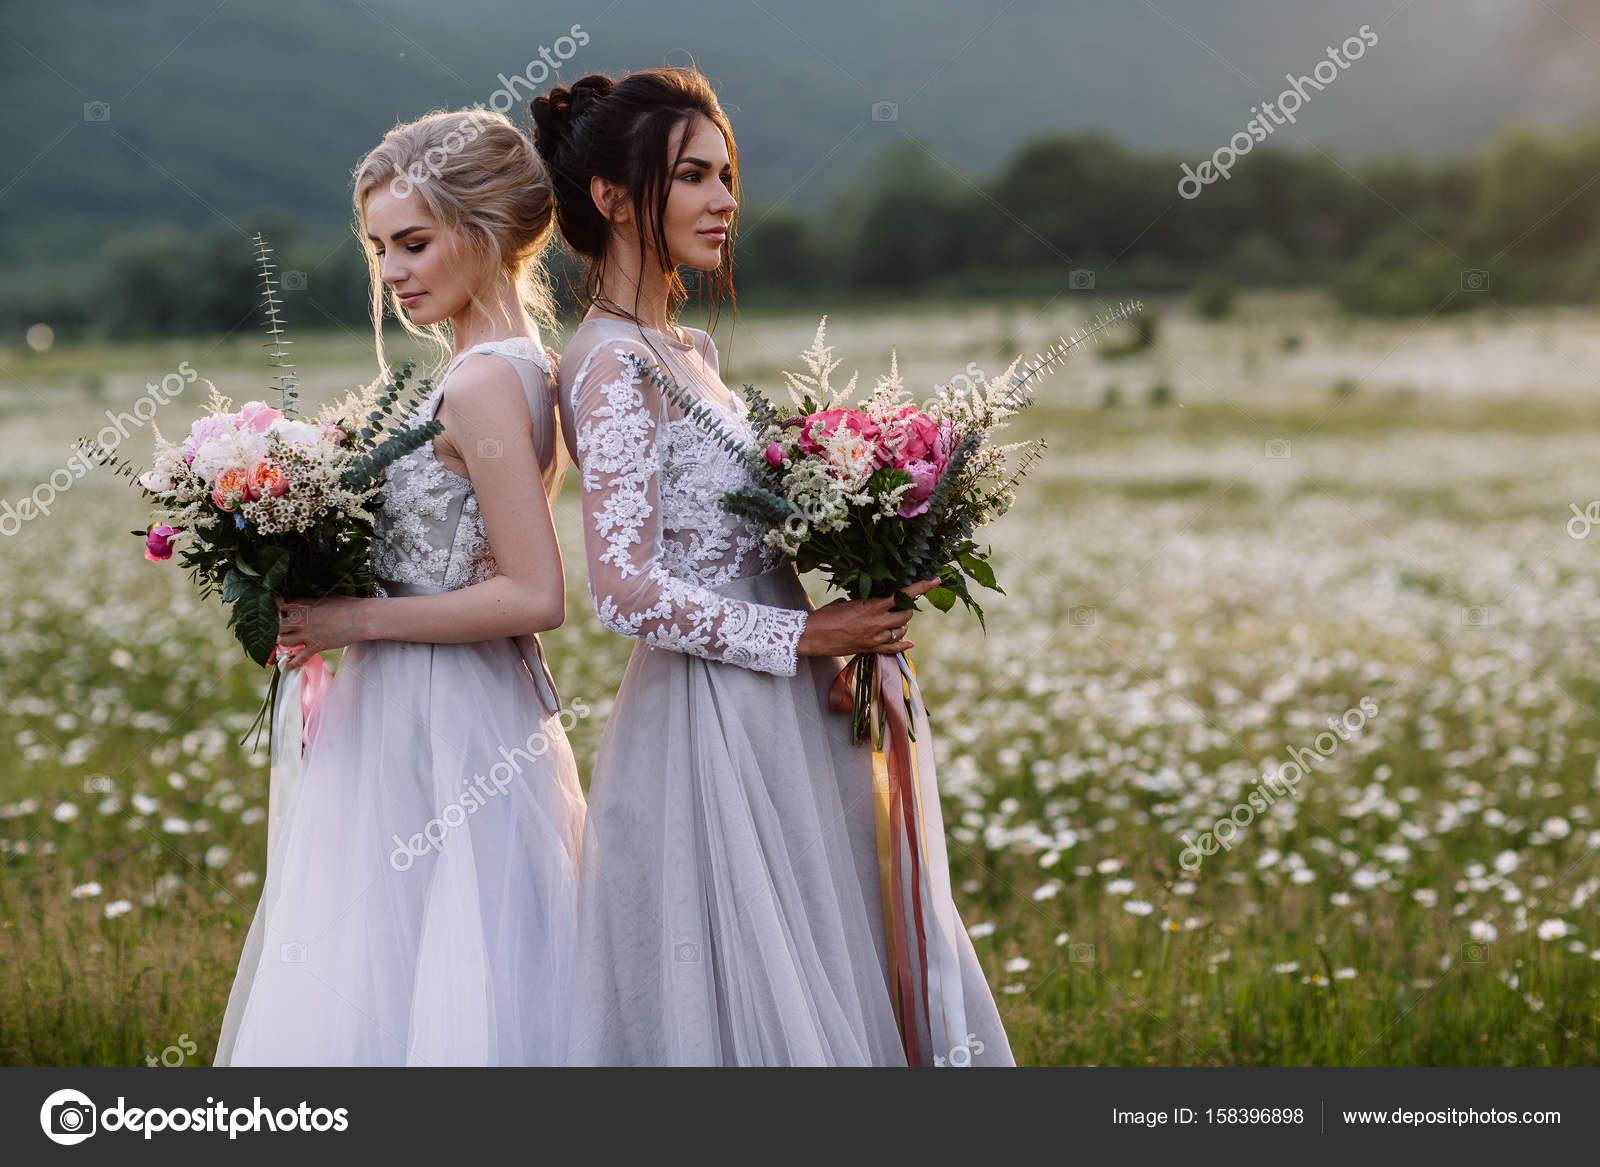 zwei schöne Mädchen Brünette und Blonde genießen Daisy Field, schöne ...